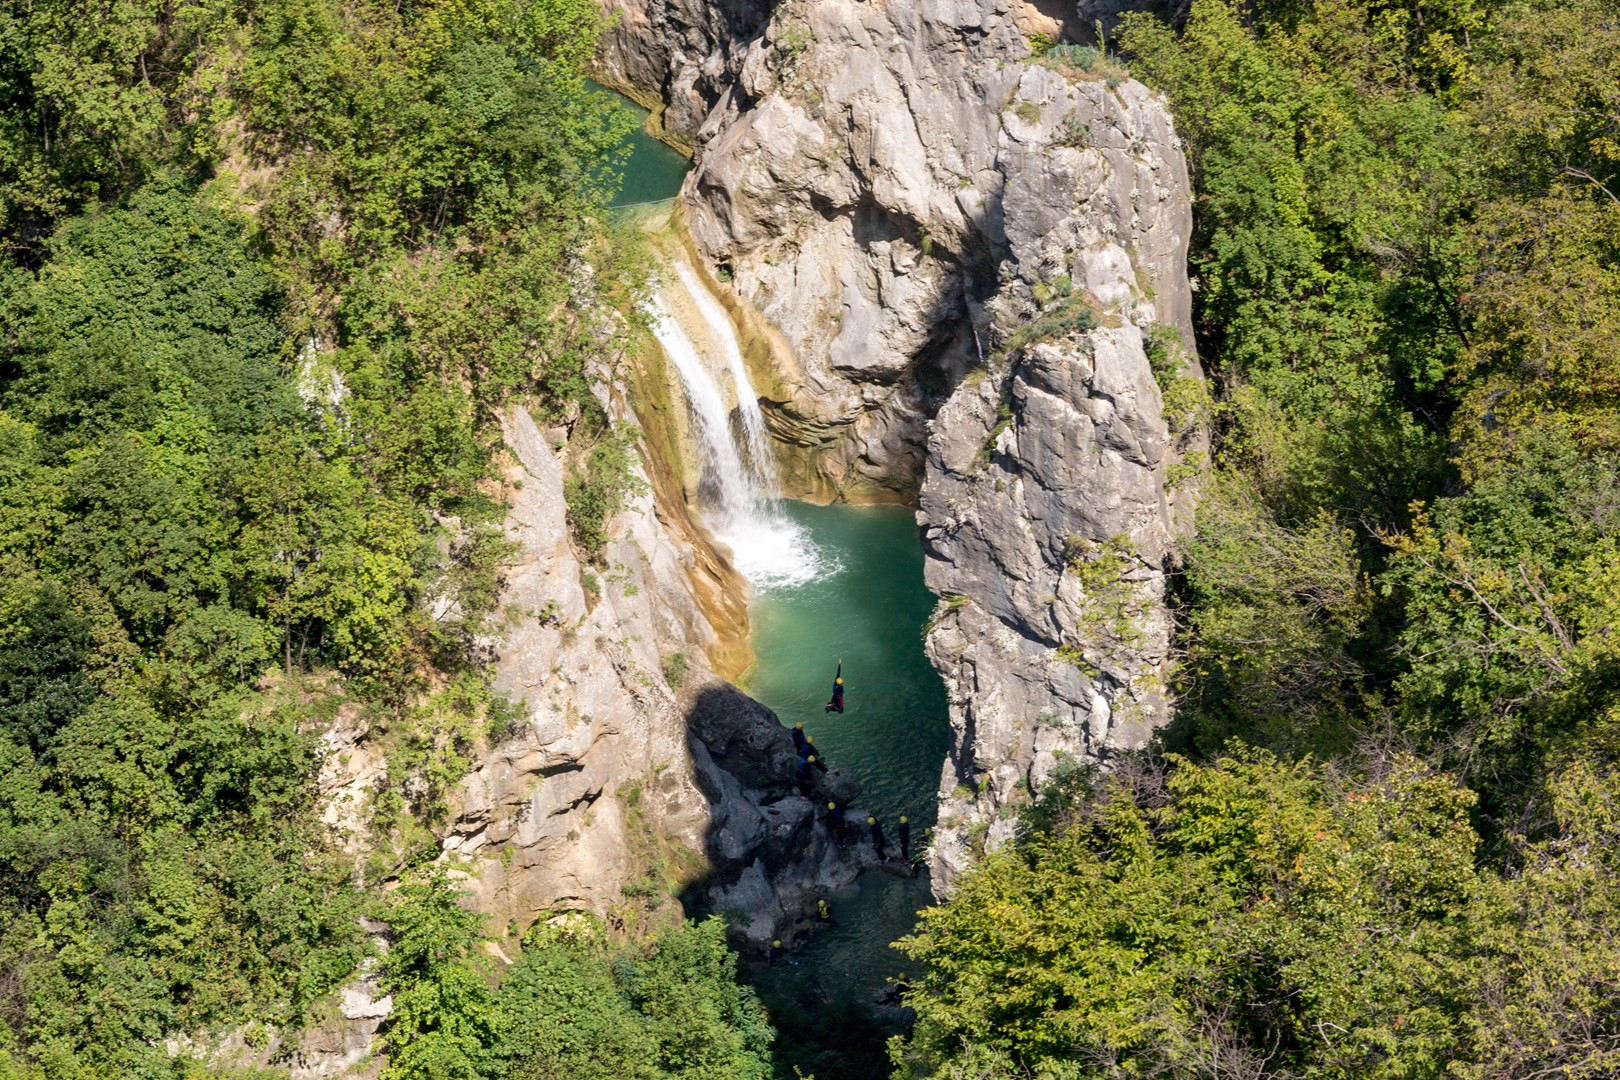 Ferienhaus Privater Pool 3,5 x 8,6 m, überdachter Essbereich im Freien, kostenloses WLAN, voll - klim (2663850), Kostanje, , Dalmatien, Kroatien, Bild 41